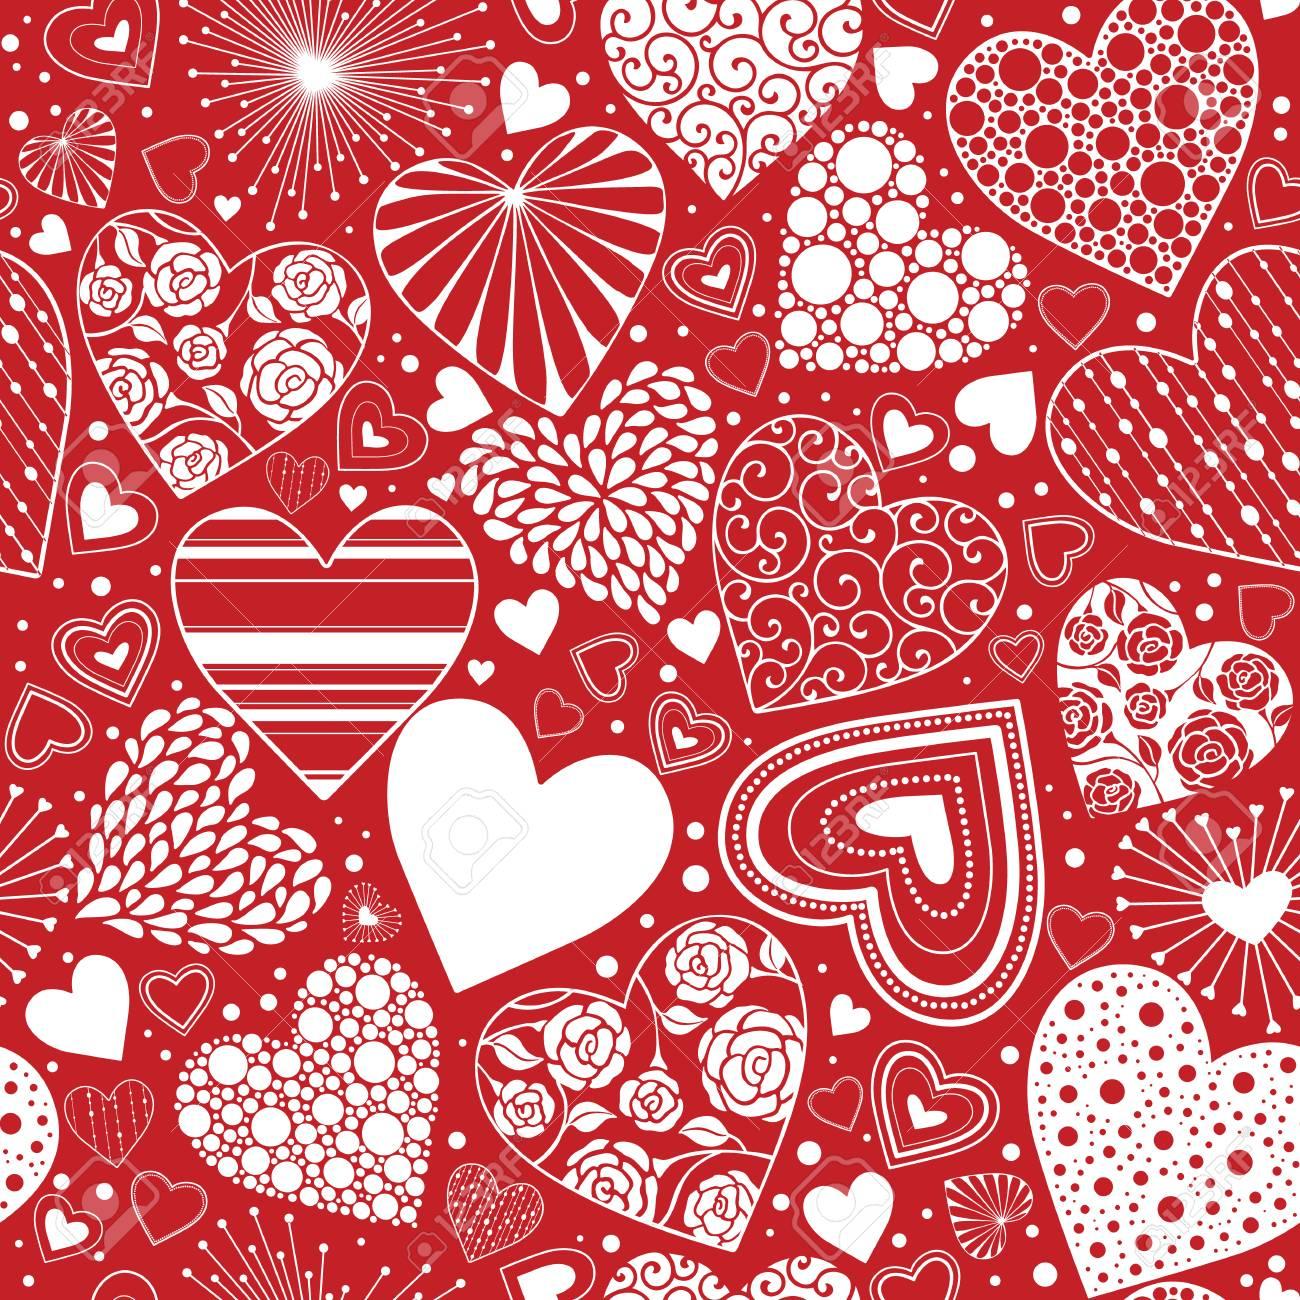 かわいいハートのシームレスな背景 バレンタインの飾り赤と白 包装紙